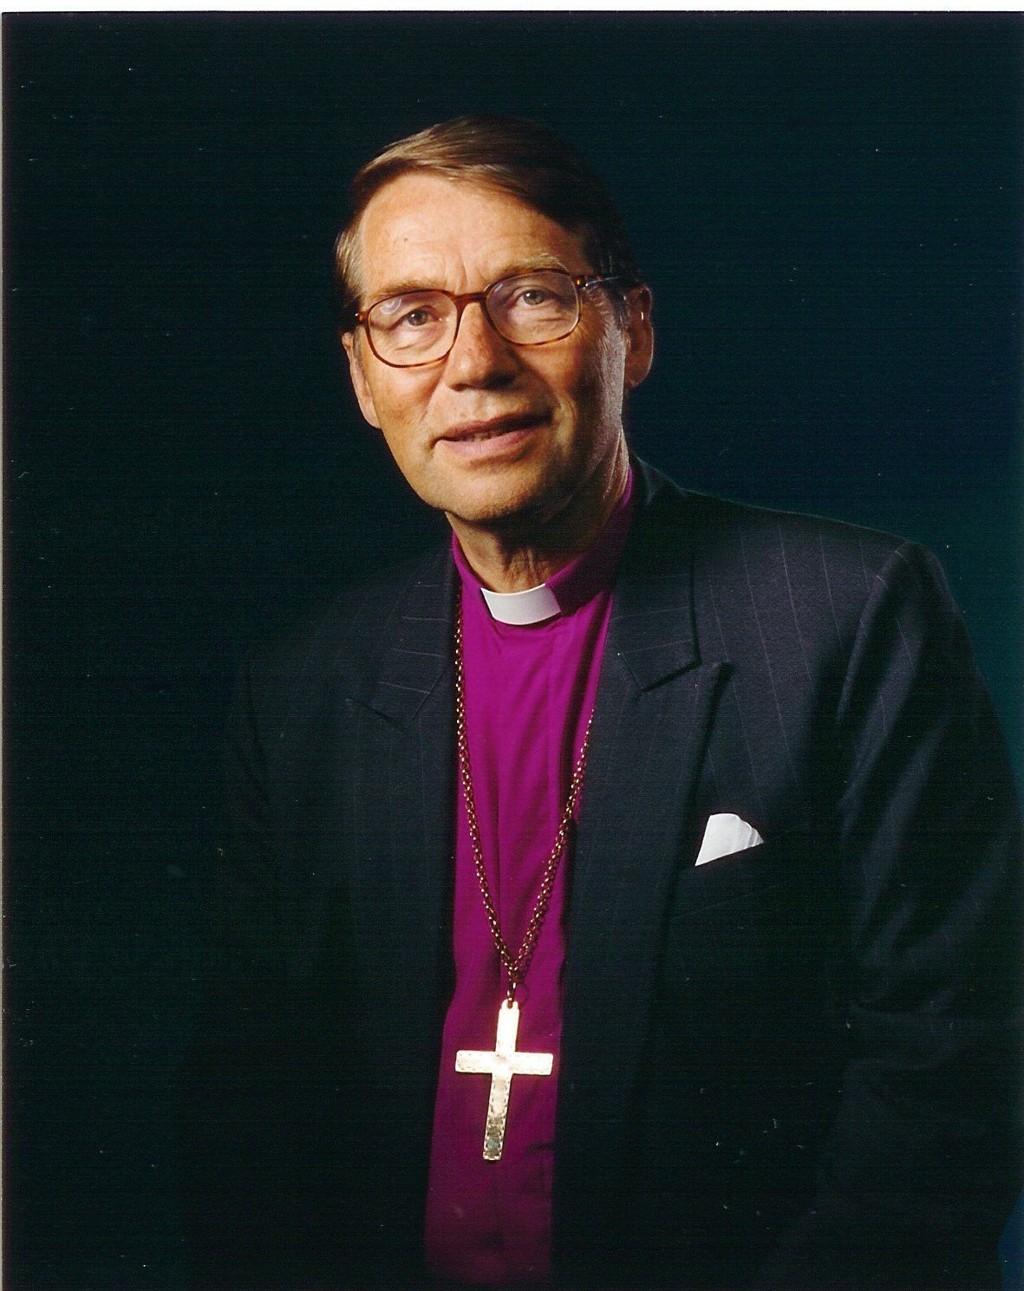 Om de store temaene: Tidligere biskop i Oslo Gunnar Stålsett.